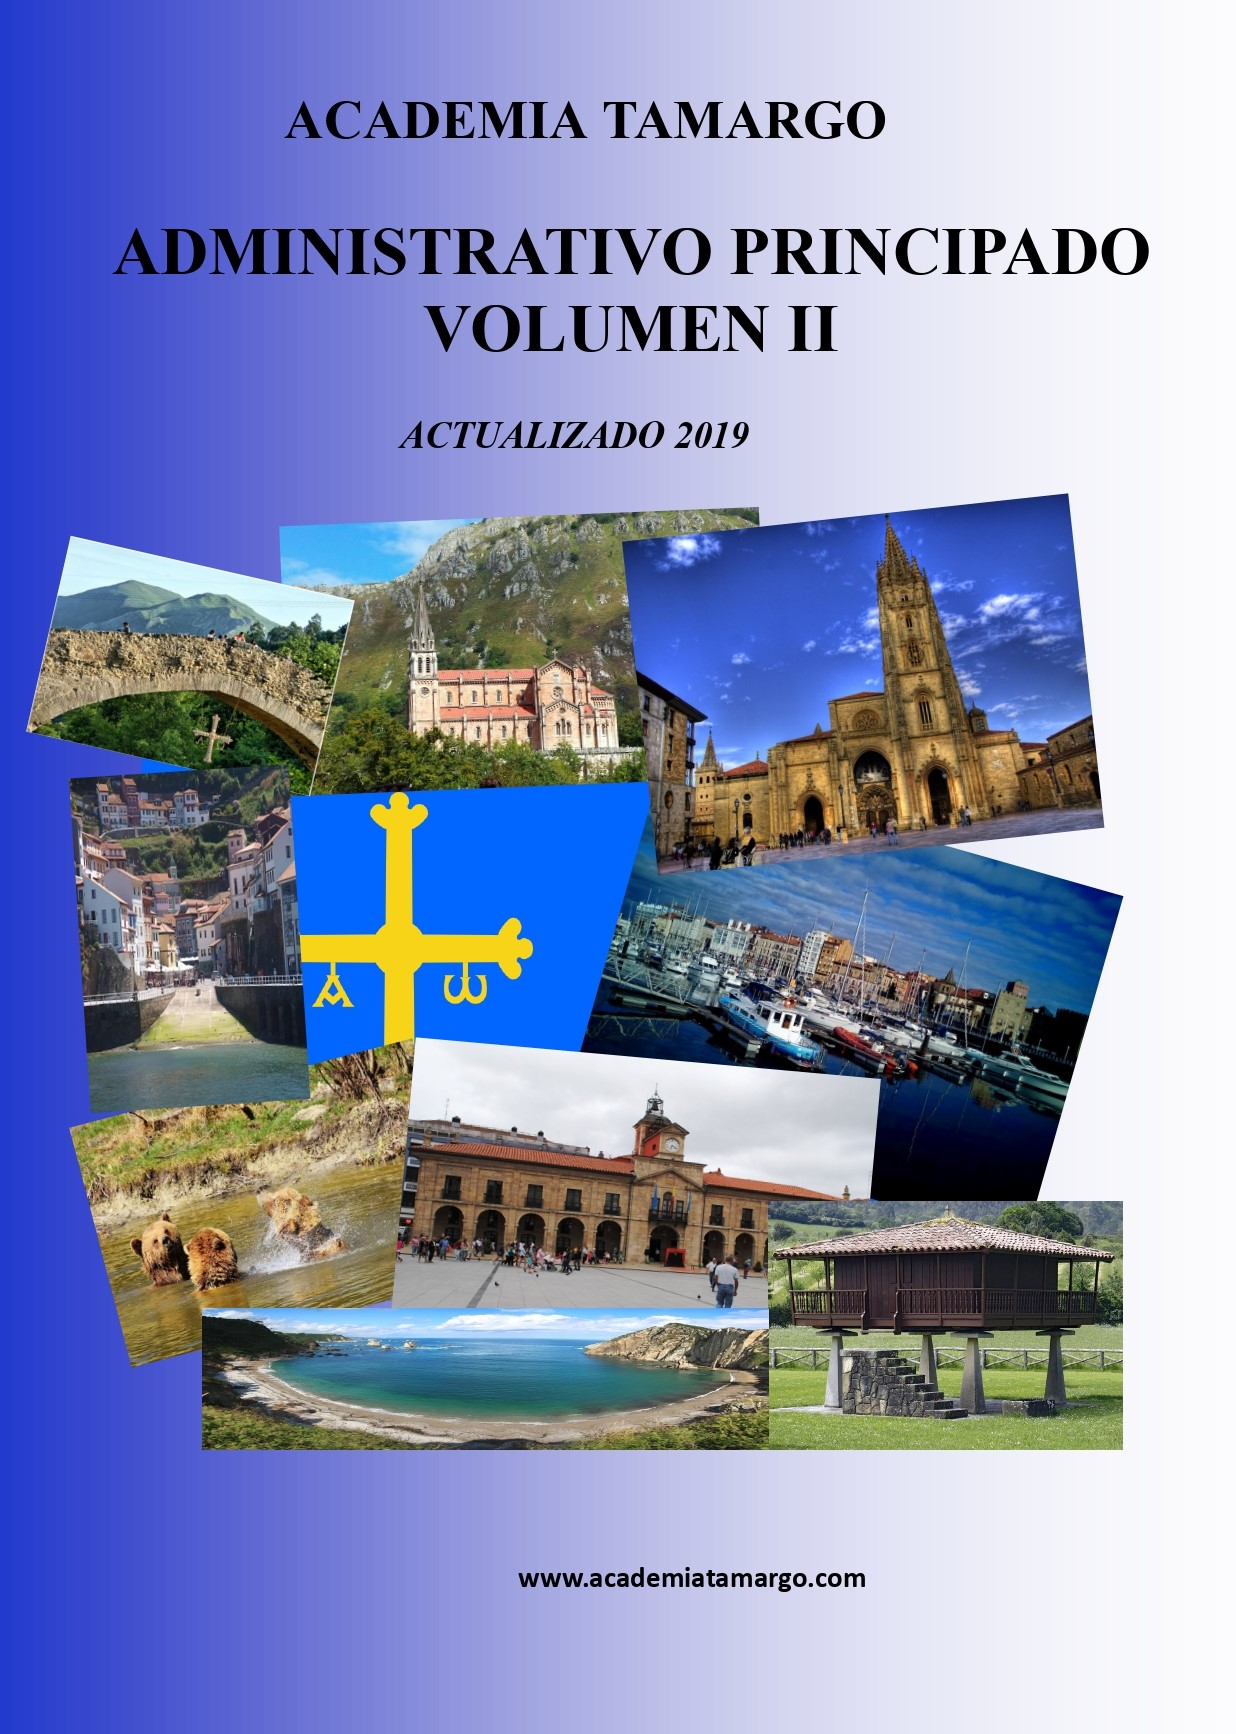 portada, contraportada y lomo de especifico del ADVO ppdo. VOL II_page-0001